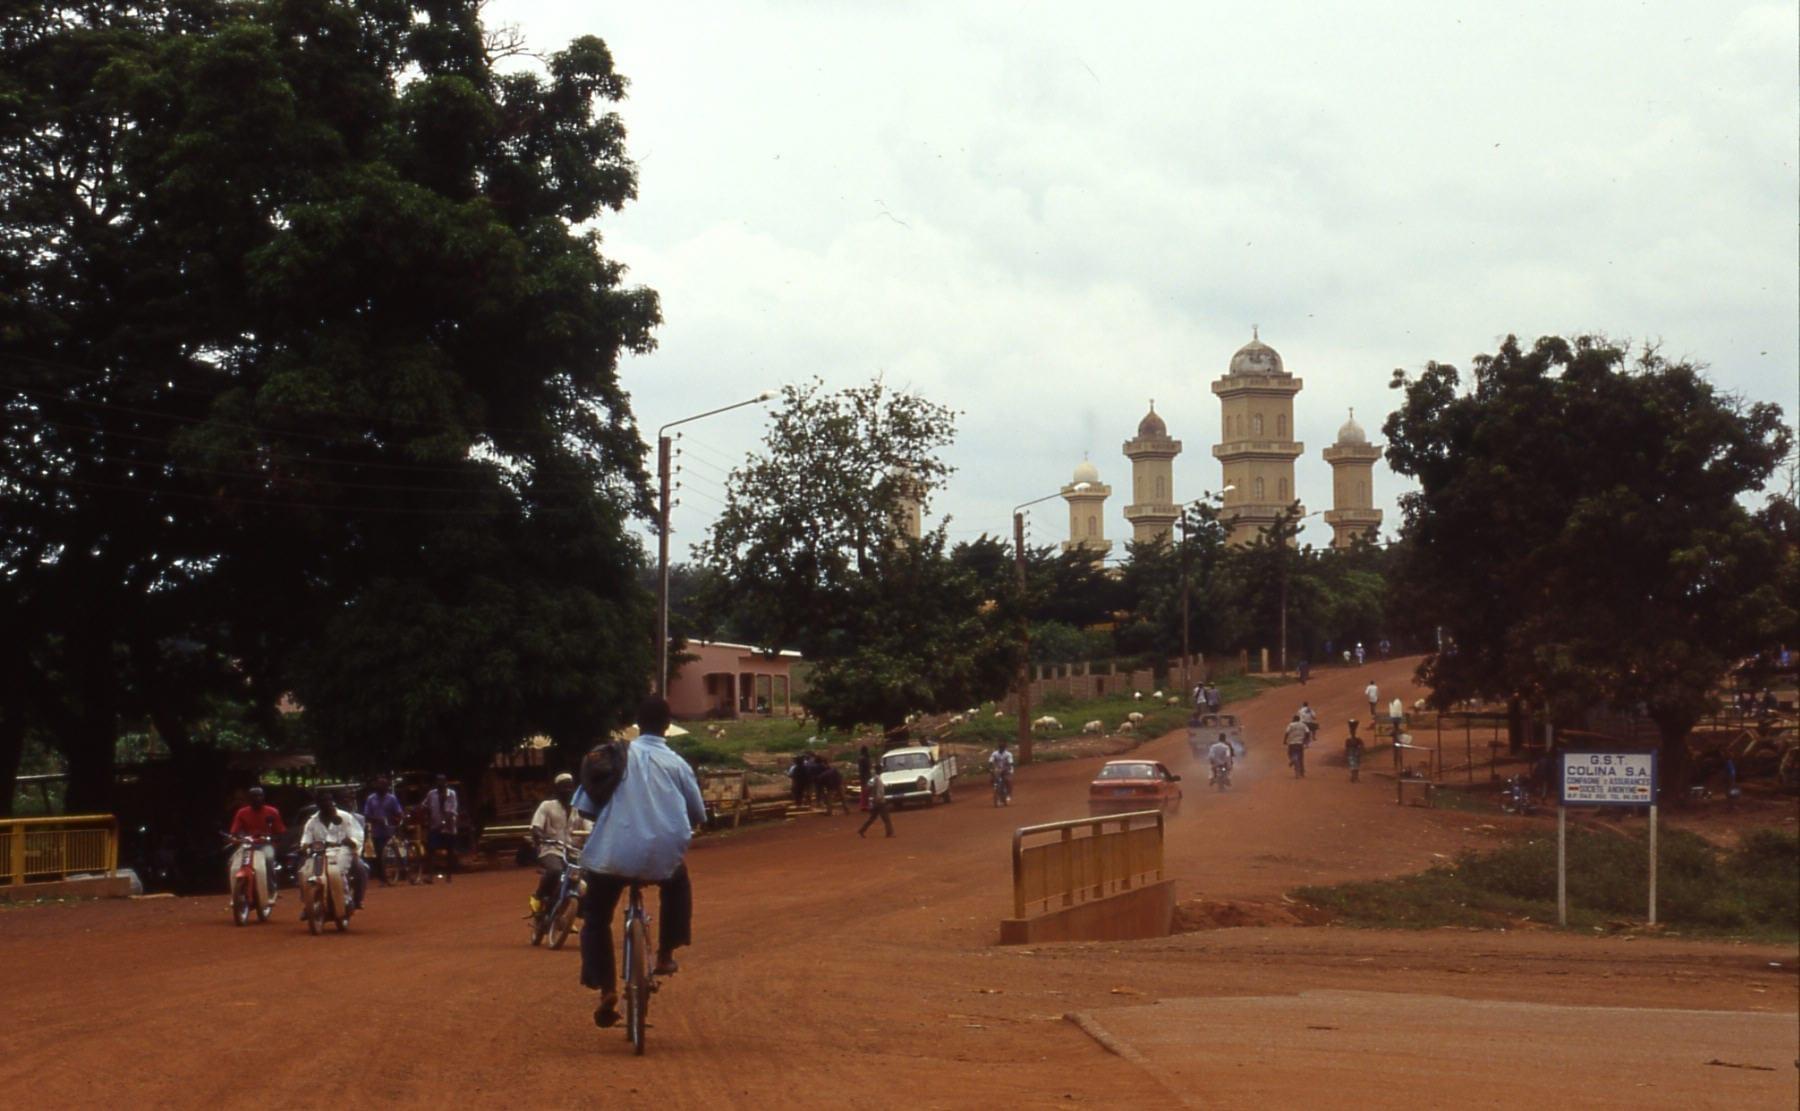 Vista de la calle de Korhogo con la mezquita principal al fondo. Costa de Marfil